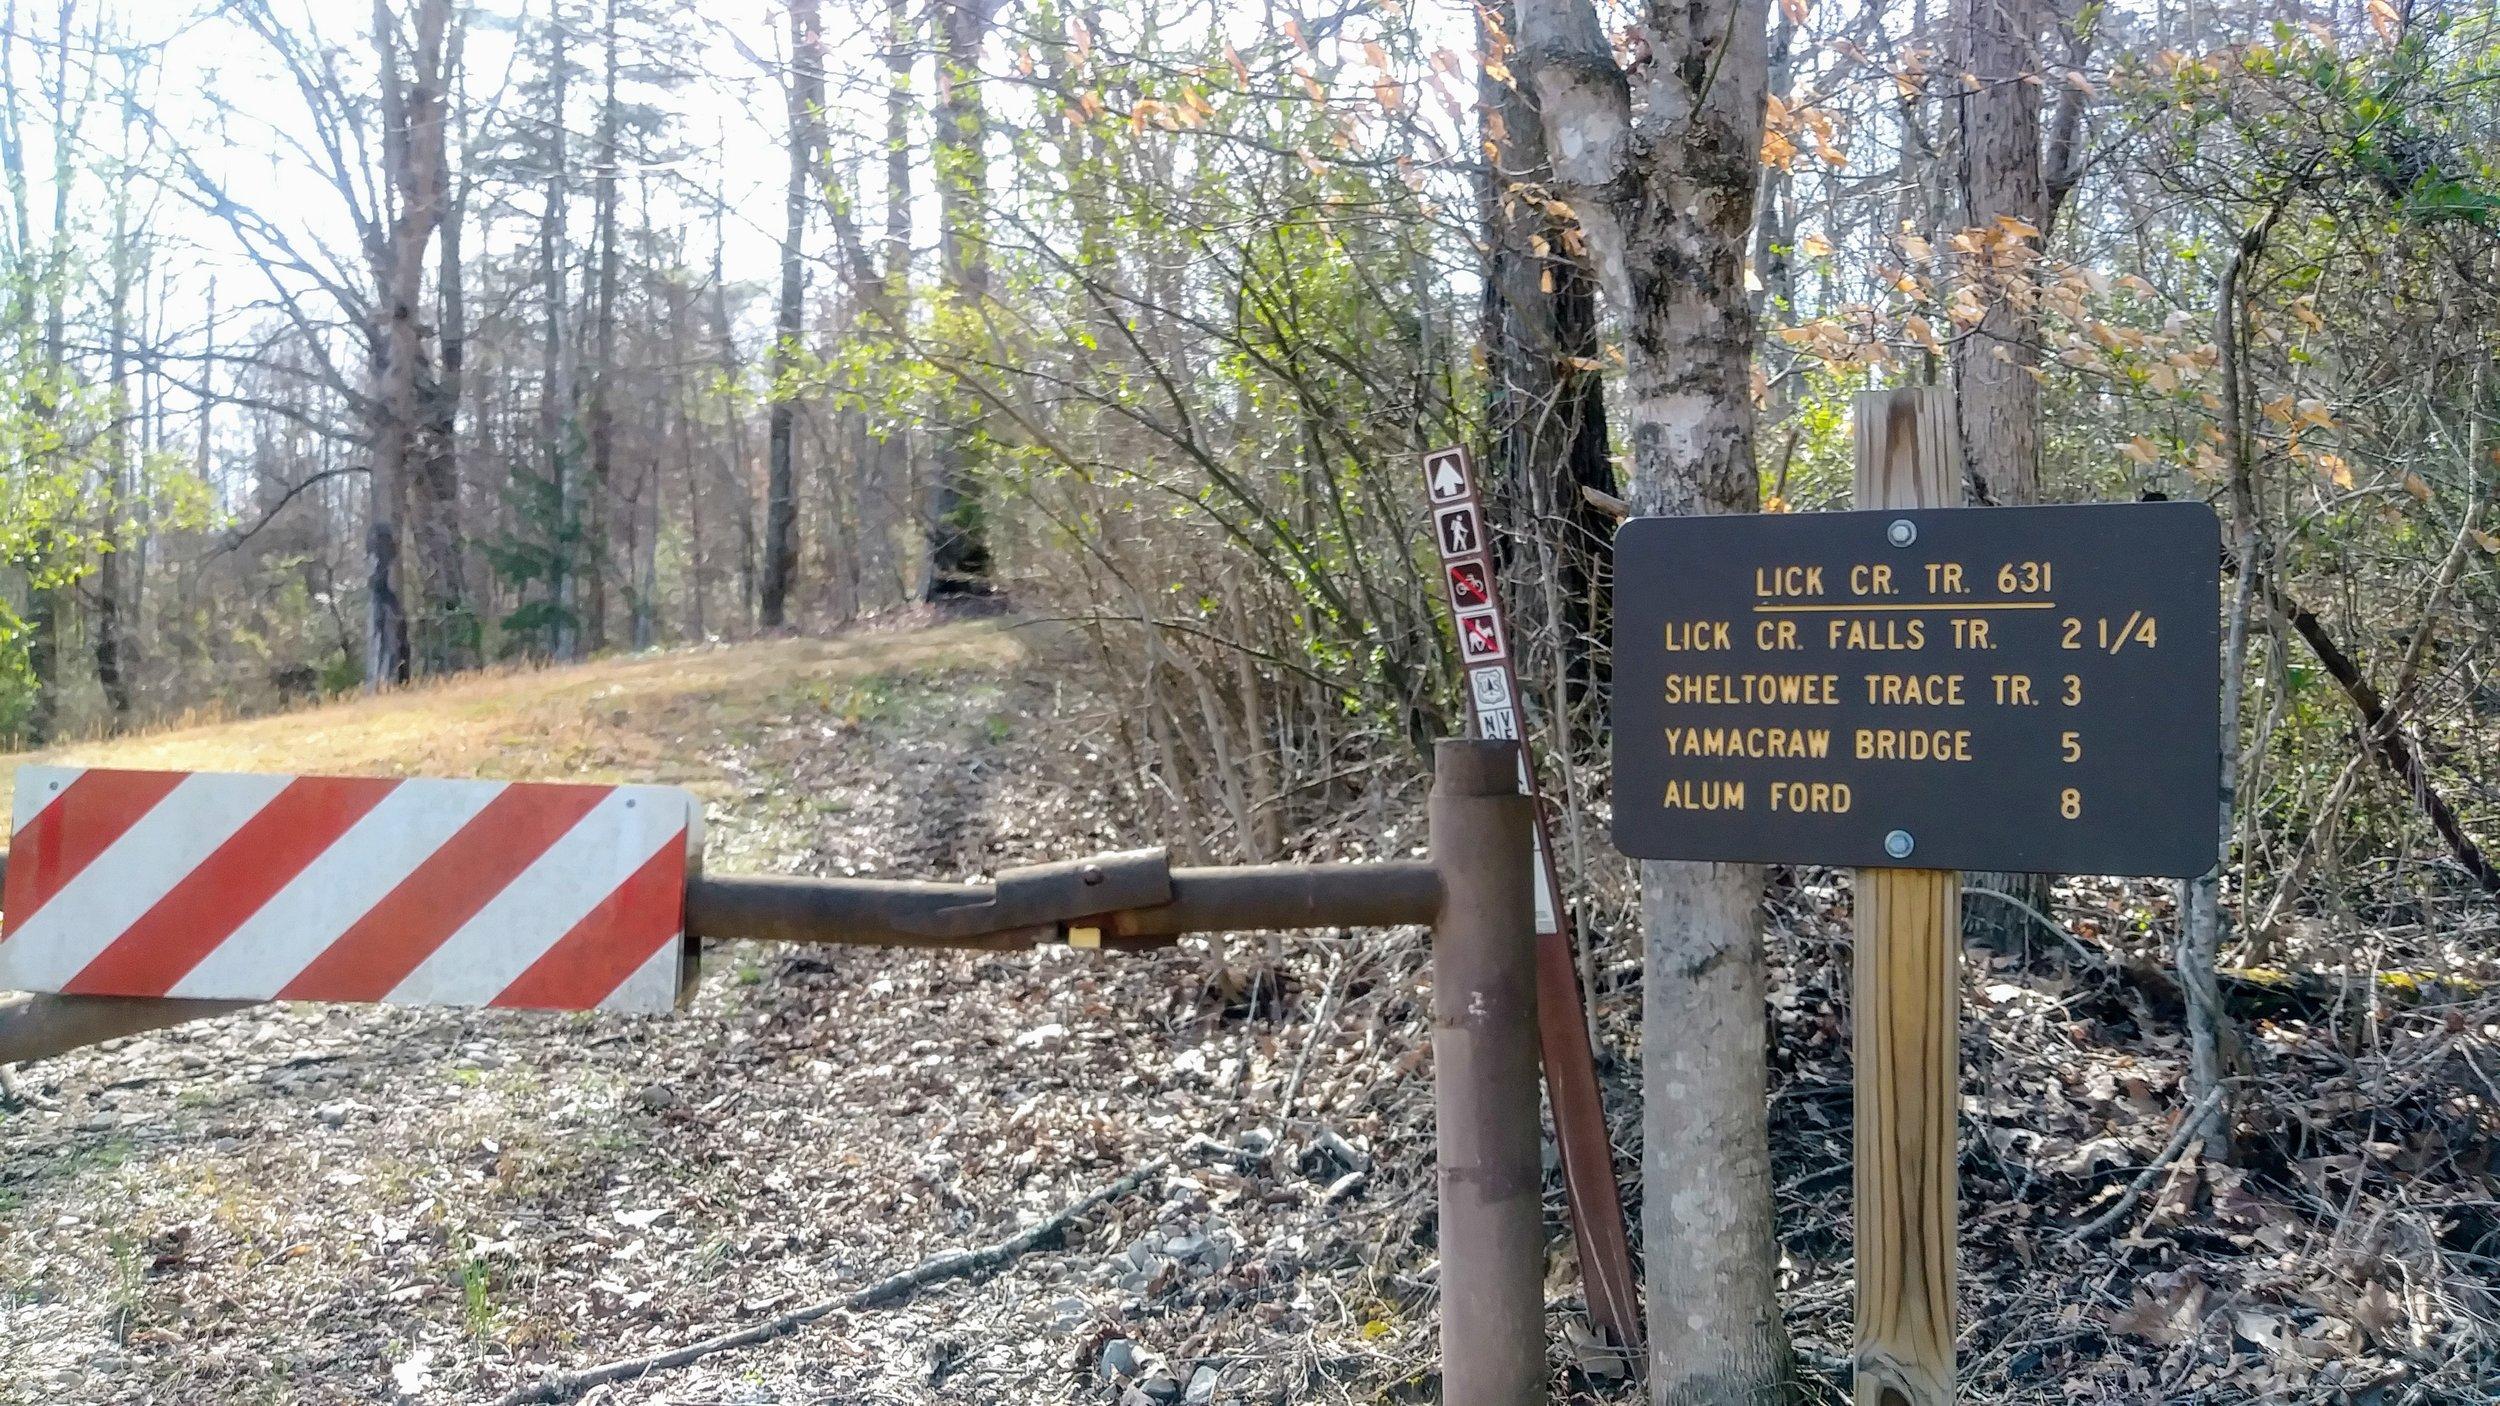 Trail sign at Lick Creek trailhead